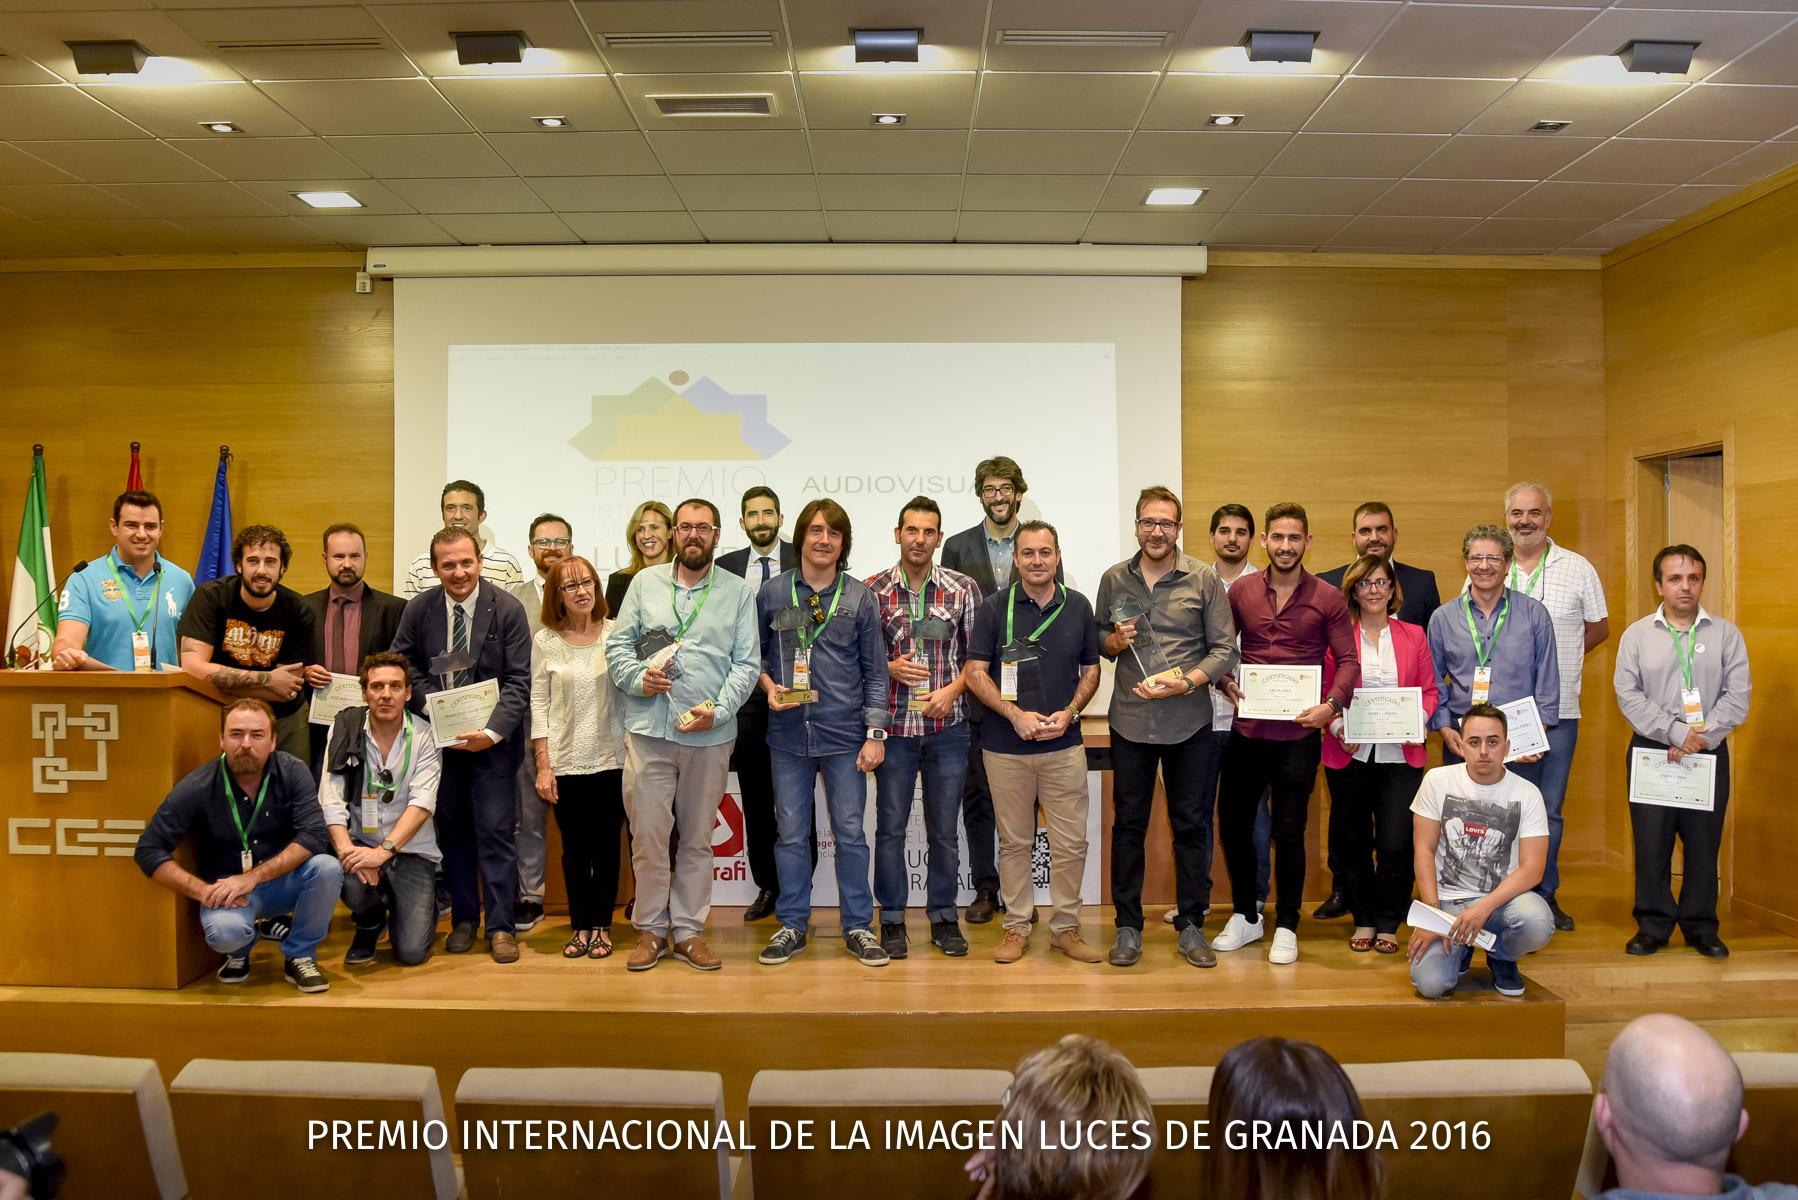 03lucesdegranada_entrega_premios_022